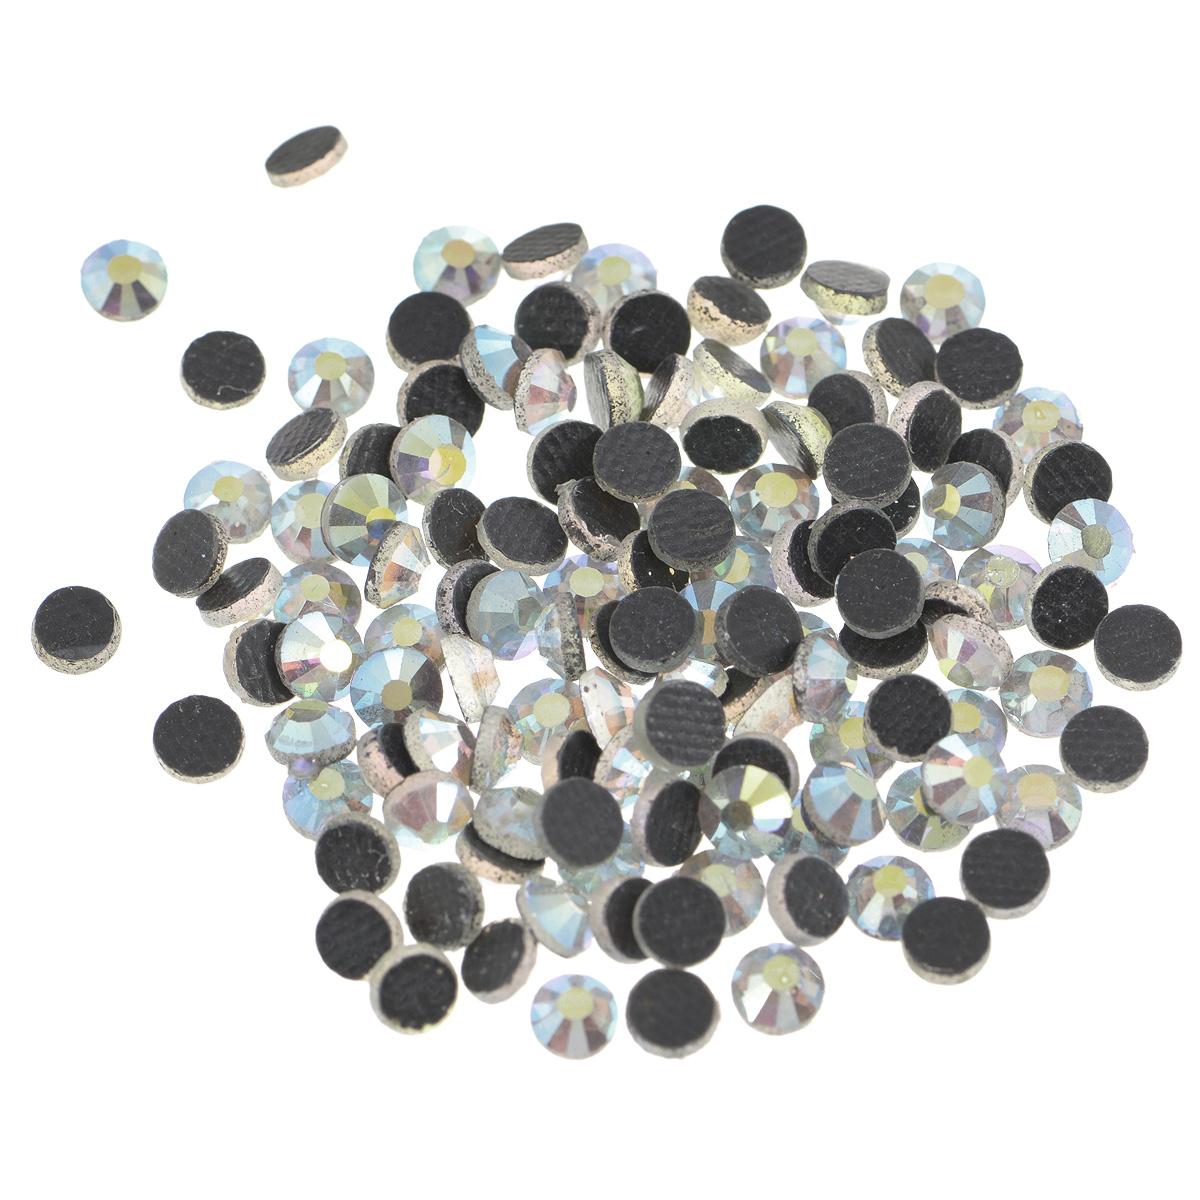 Стразы термоклеевые Cristal, цвет: белый (001АВ), диаметр 4 мм, 144 шт7706831_001АВНабор термоклеевых страз Cristal, изготовленный из высококачественного акрила, позволит вам украсить одежду, аксессуары или текстиль. Яркие стразы имеют плоское дно и круглую поверхность с гранями. Дно термоклеевых страз уже обработано особым клеем, который под воздействием высоких температур начинает плавиться, приклеиваясь, таким образом, к требуемой поверхности. Чаще всего их используют в текстильной промышленности: стразы прикладывают к ткани и проглаживают утюгом с обратной стороны. Также можно использовать специальный паяльник. Украшение стразами поможет сделать любую вещь оригинальной и неповторимой. Диаметр стразы: 4 мм.